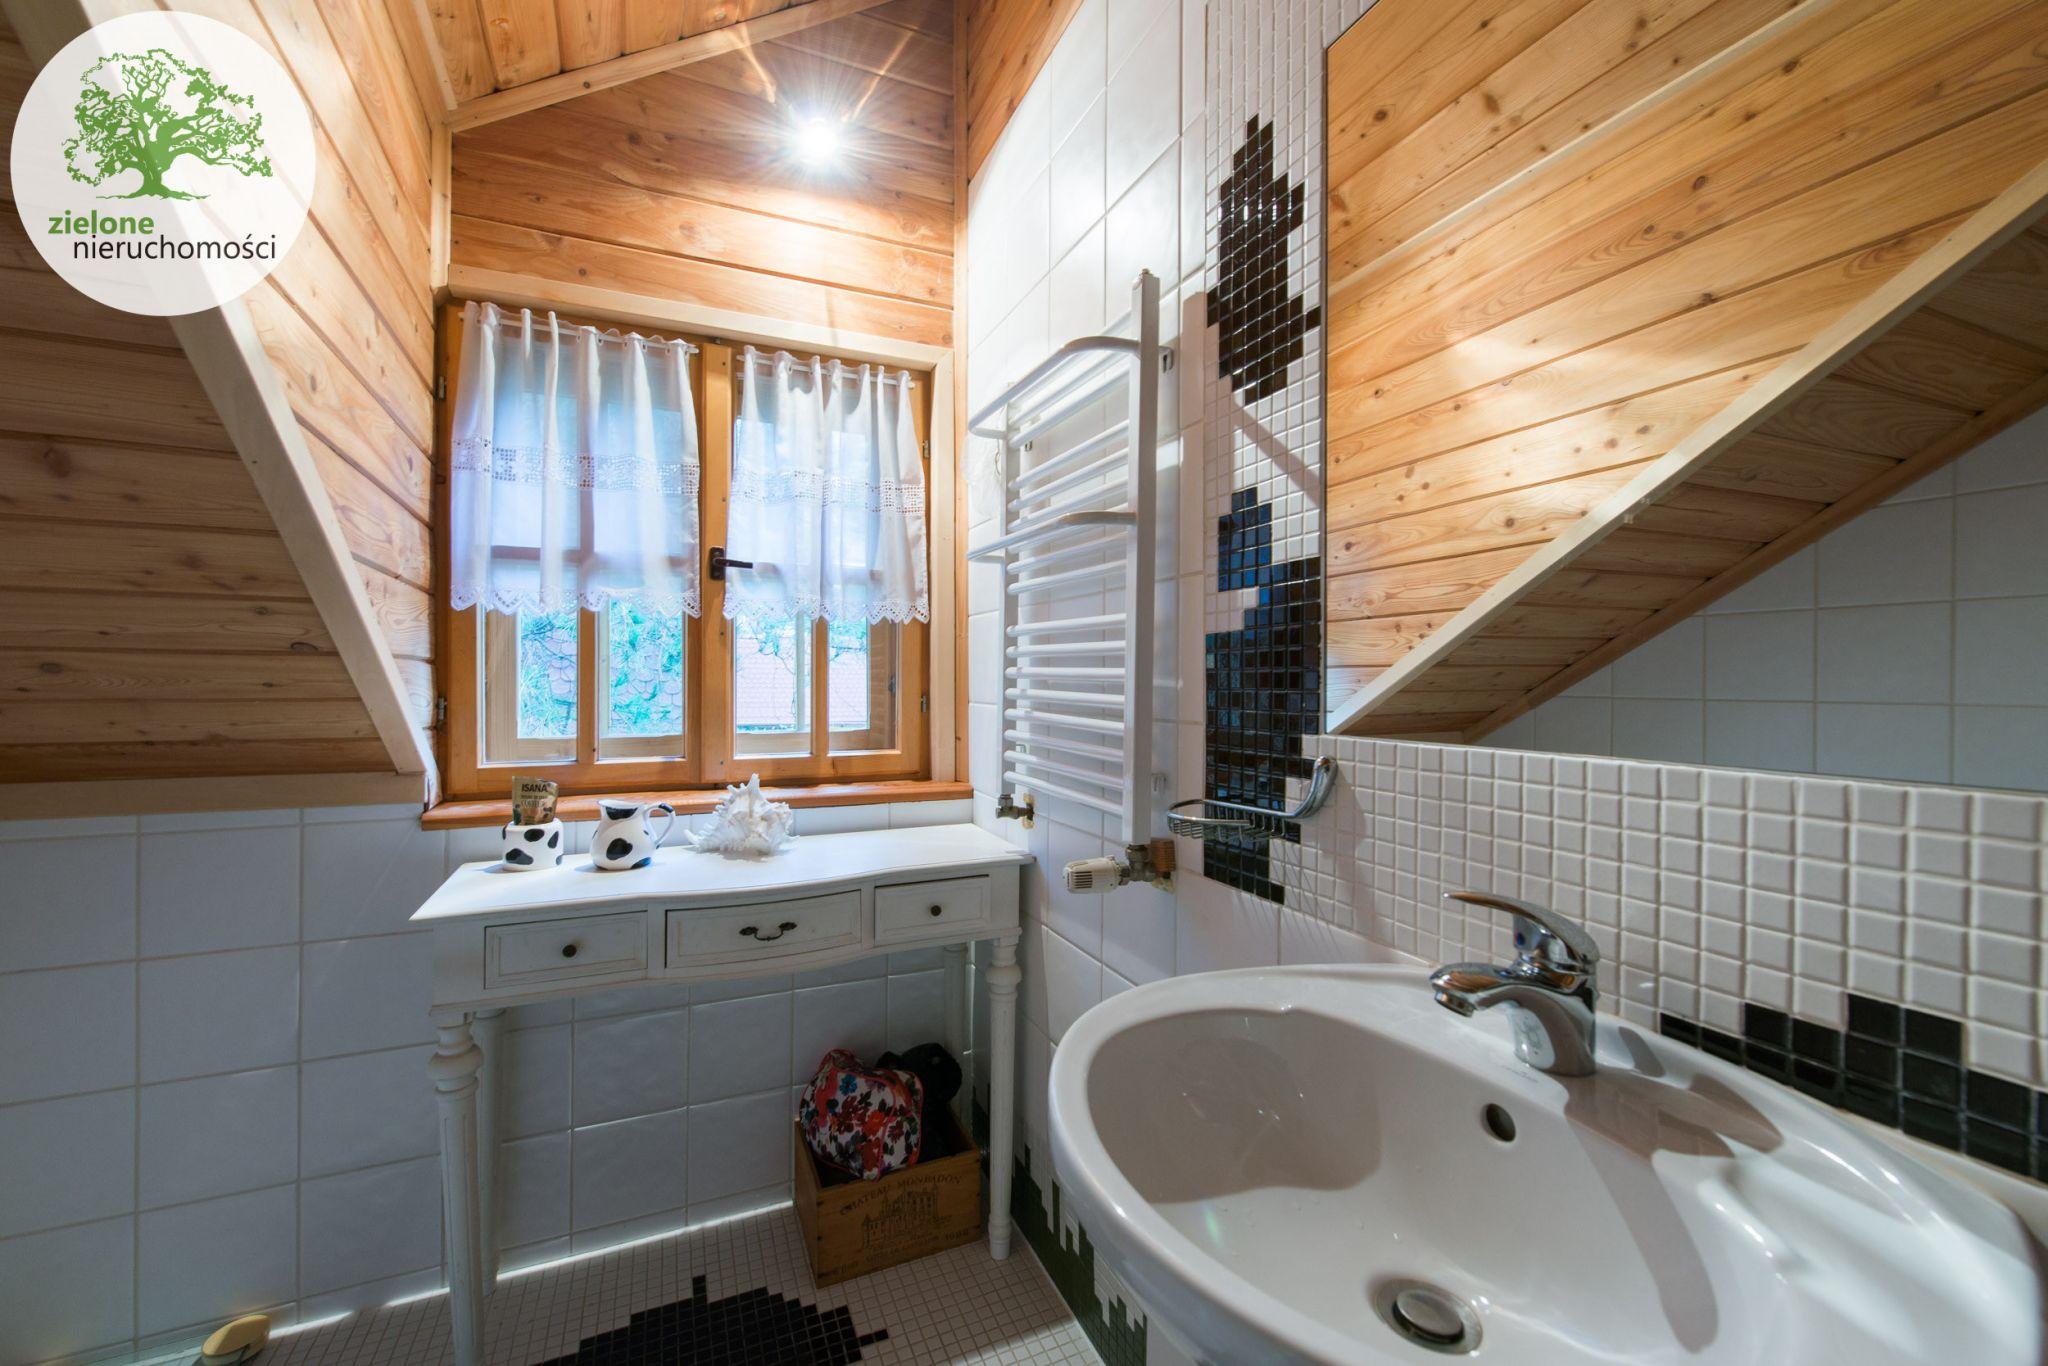 Zdjęcie 4Klimatyczny dom z bala z widokiem na Skrzyczne